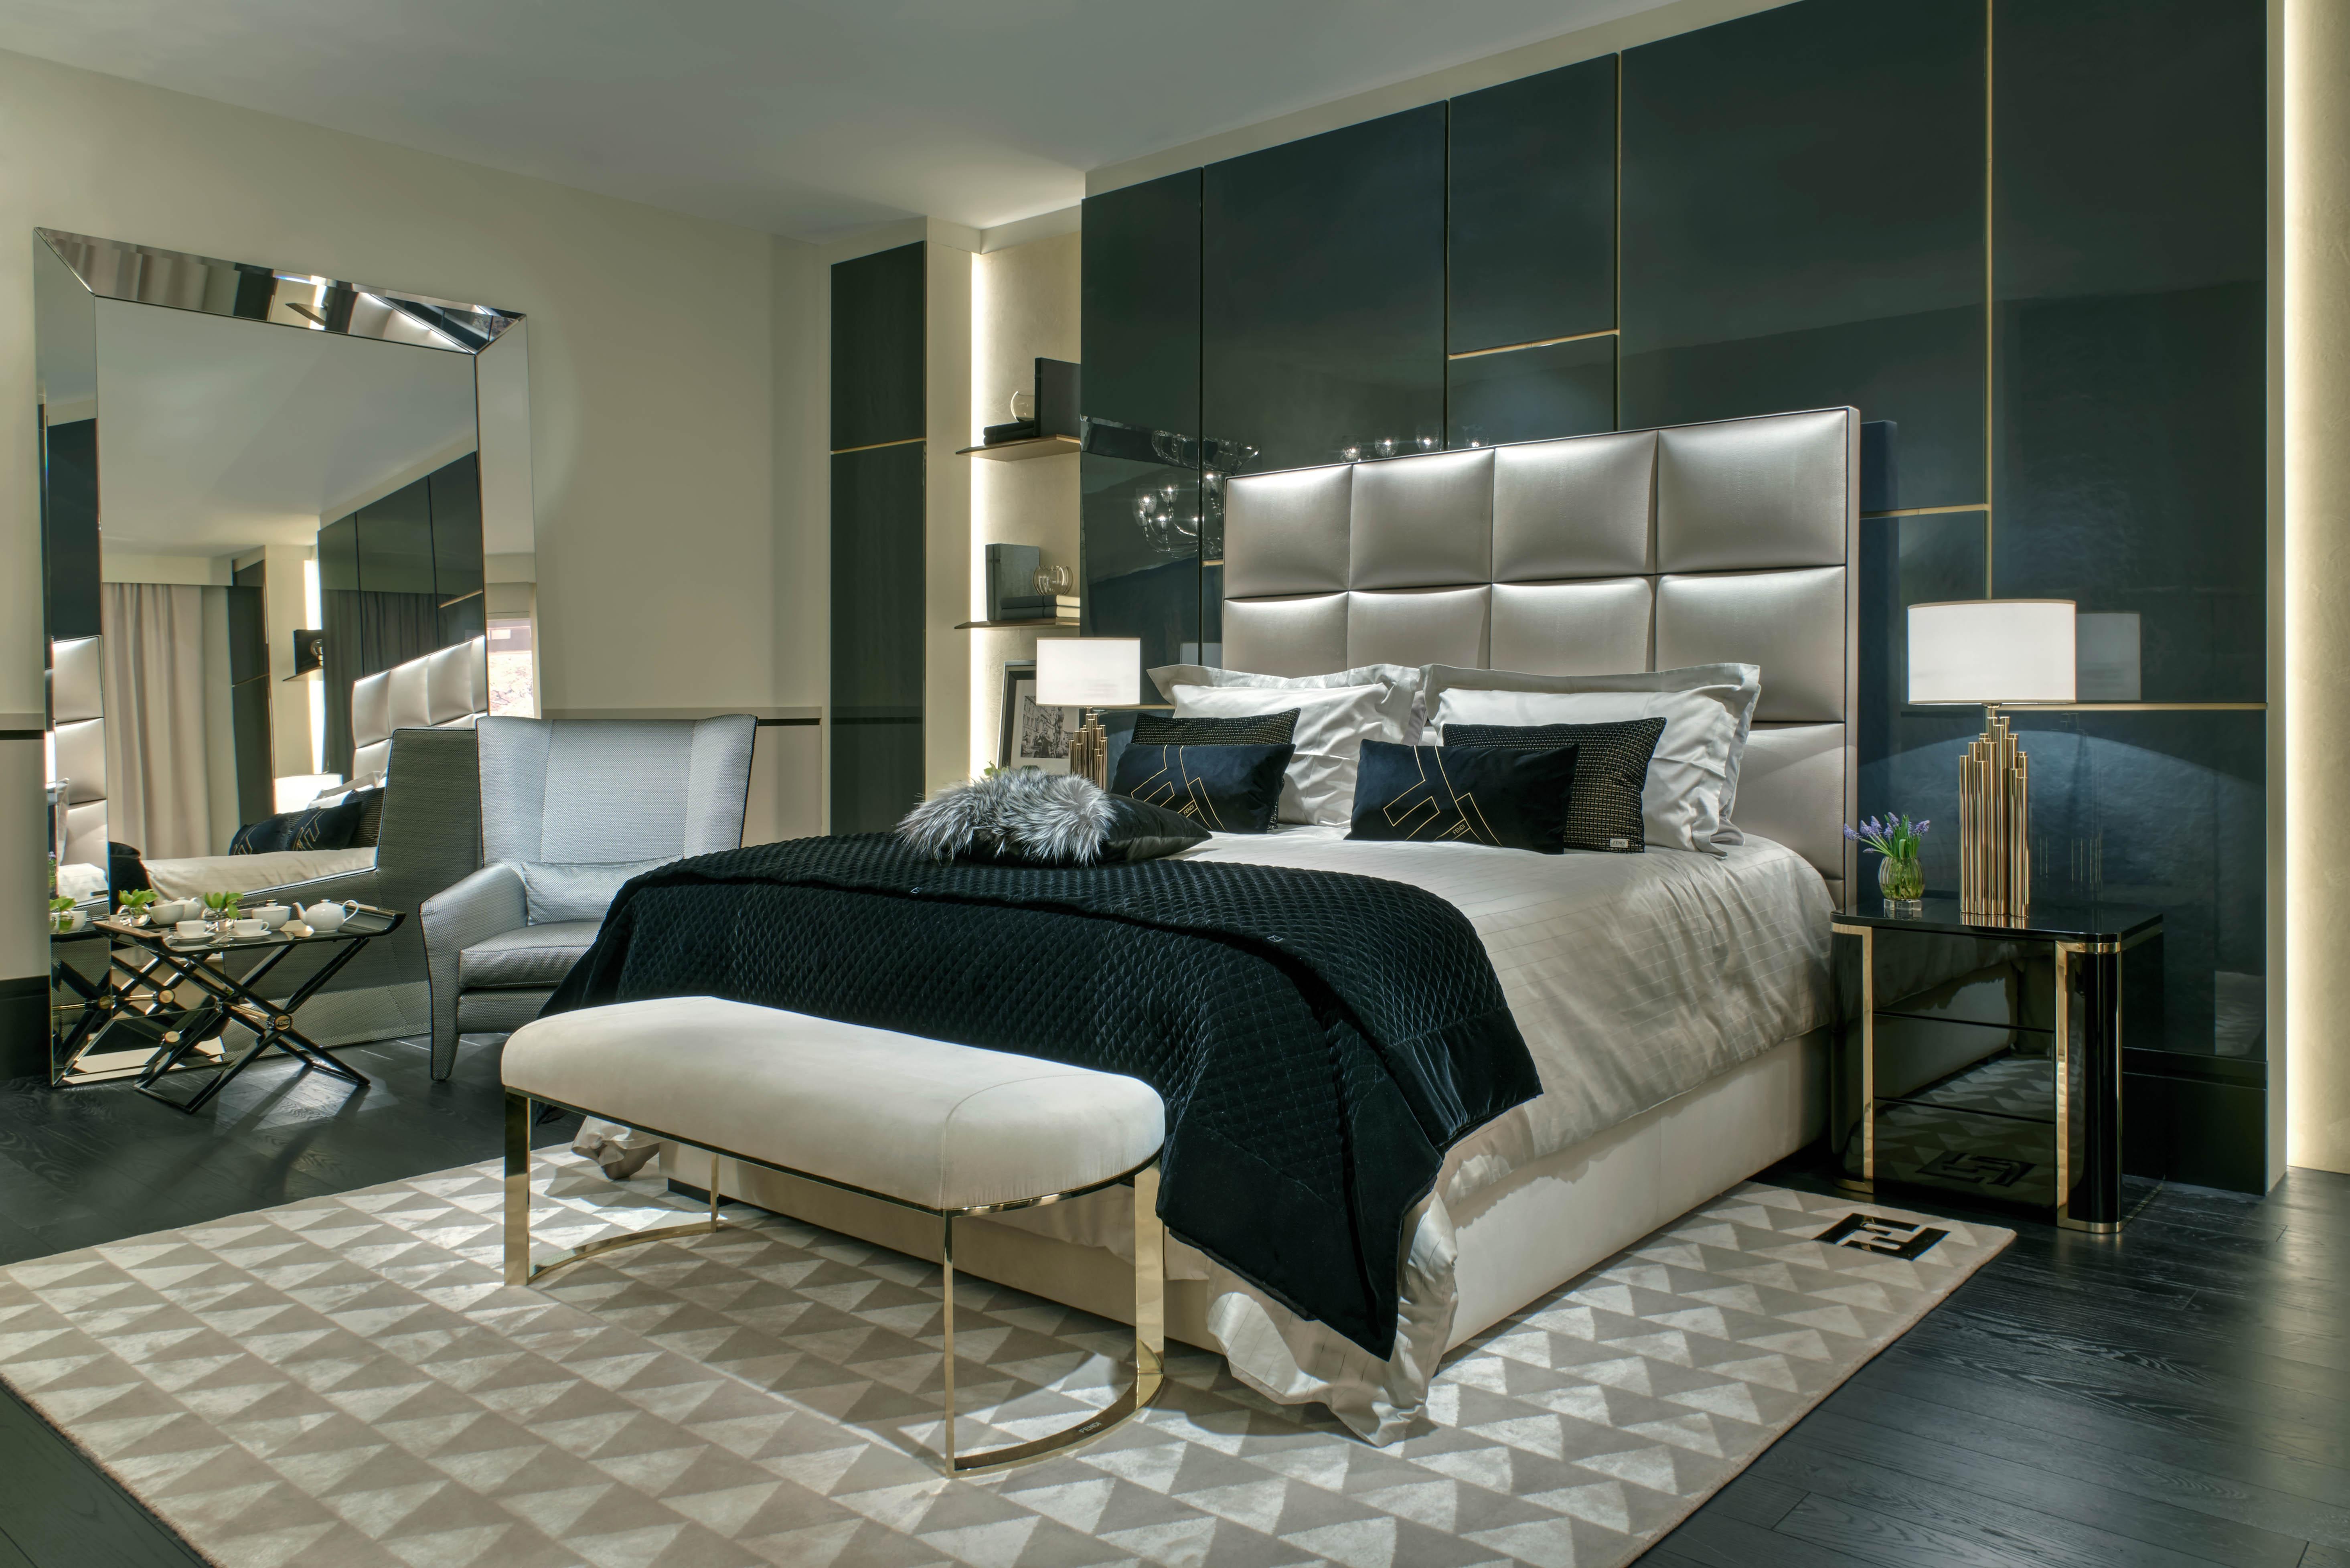 Fendi casa spring 2015 collection at salone del mobile for Fendi casa bedroom